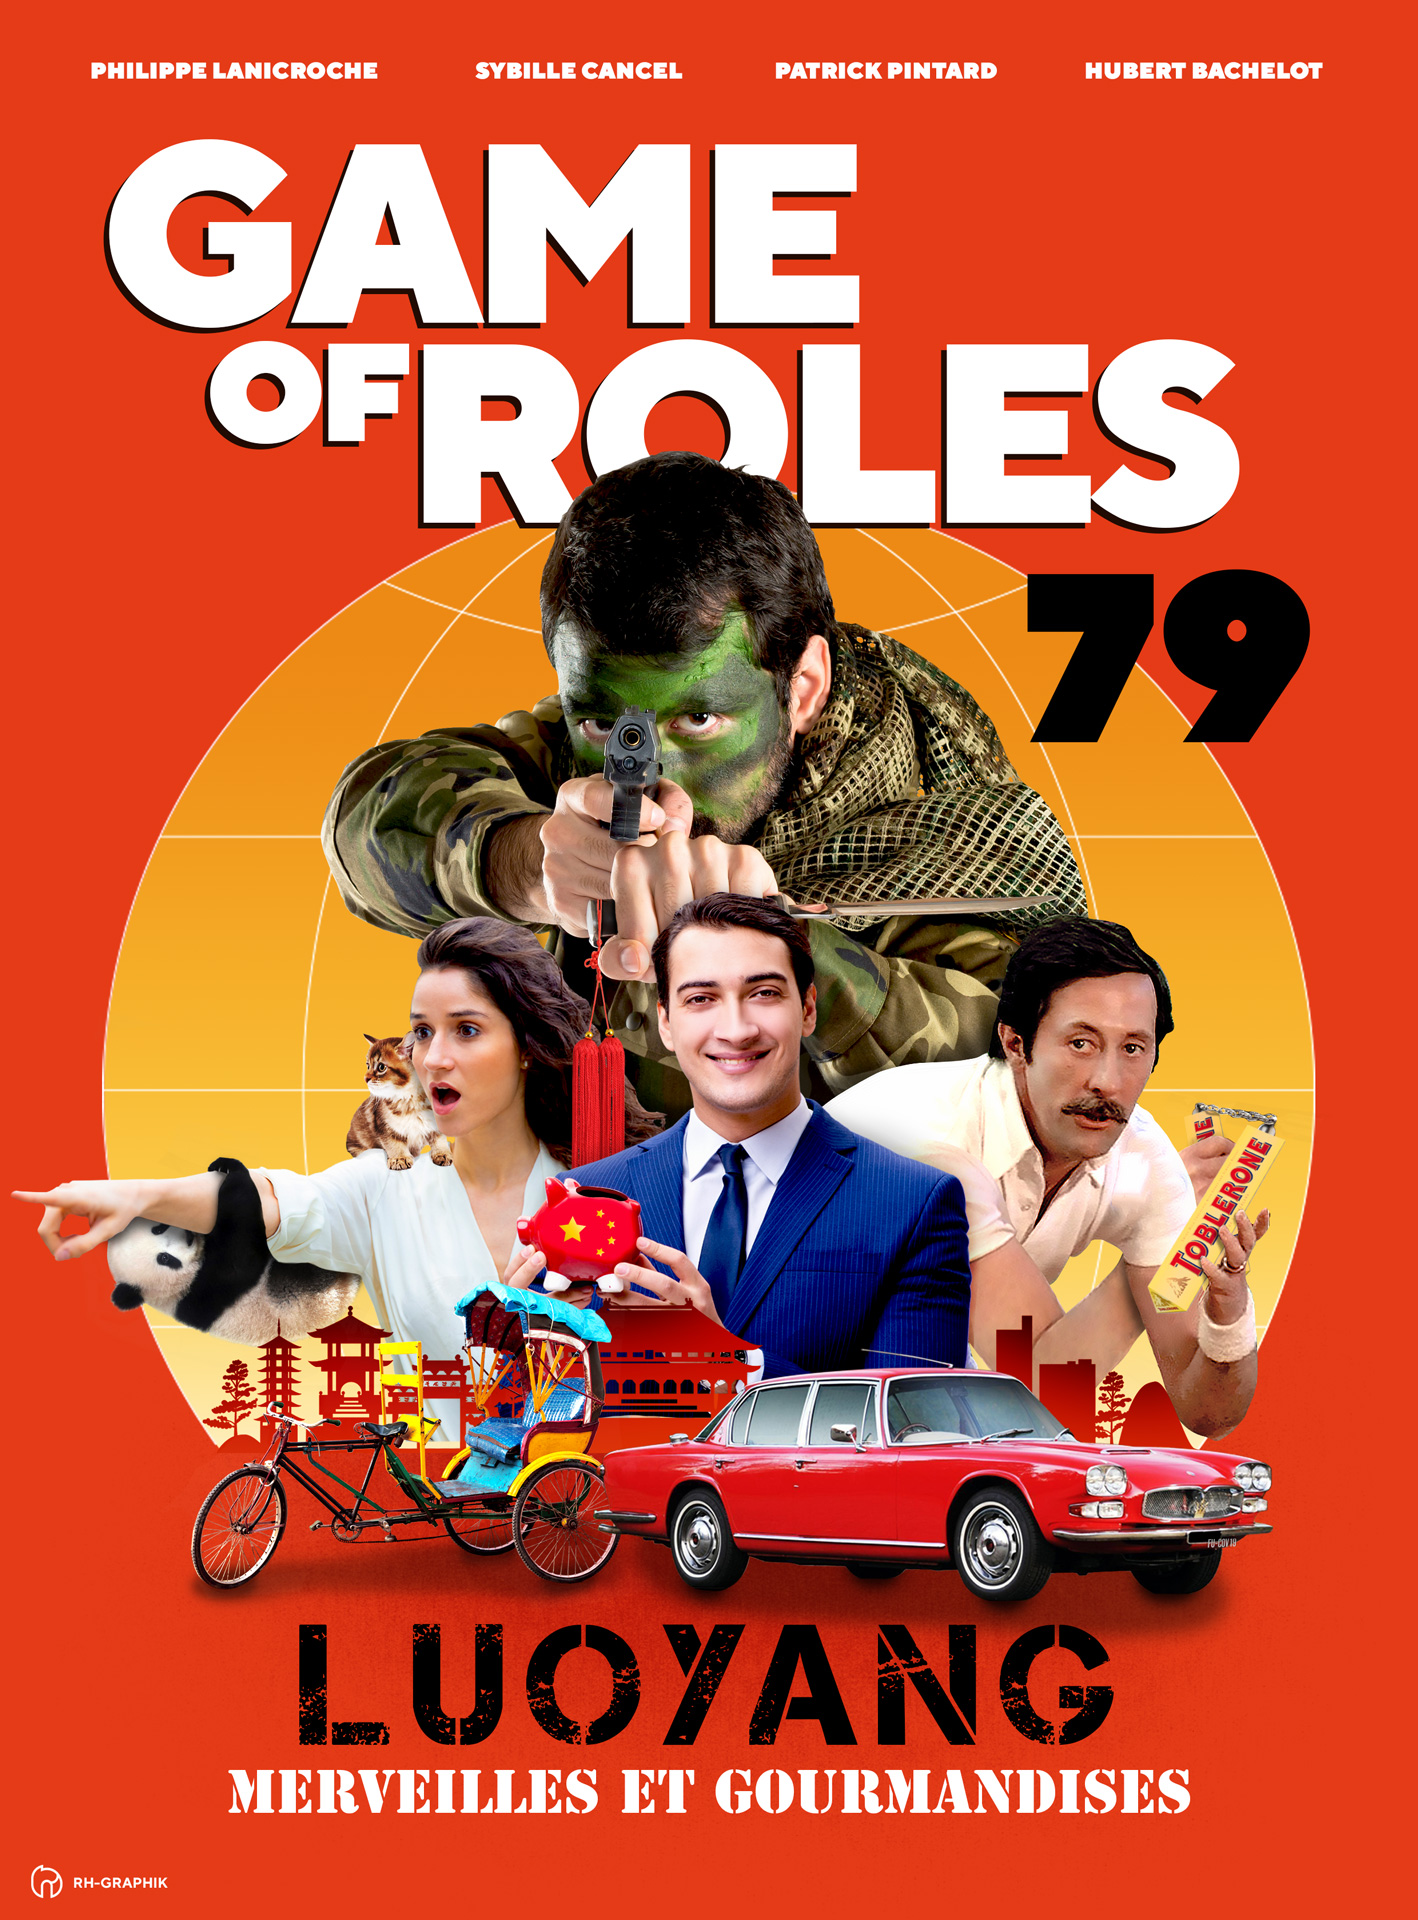 Visuel affiche pour game of roles 1979 à Luo Yang en Chine